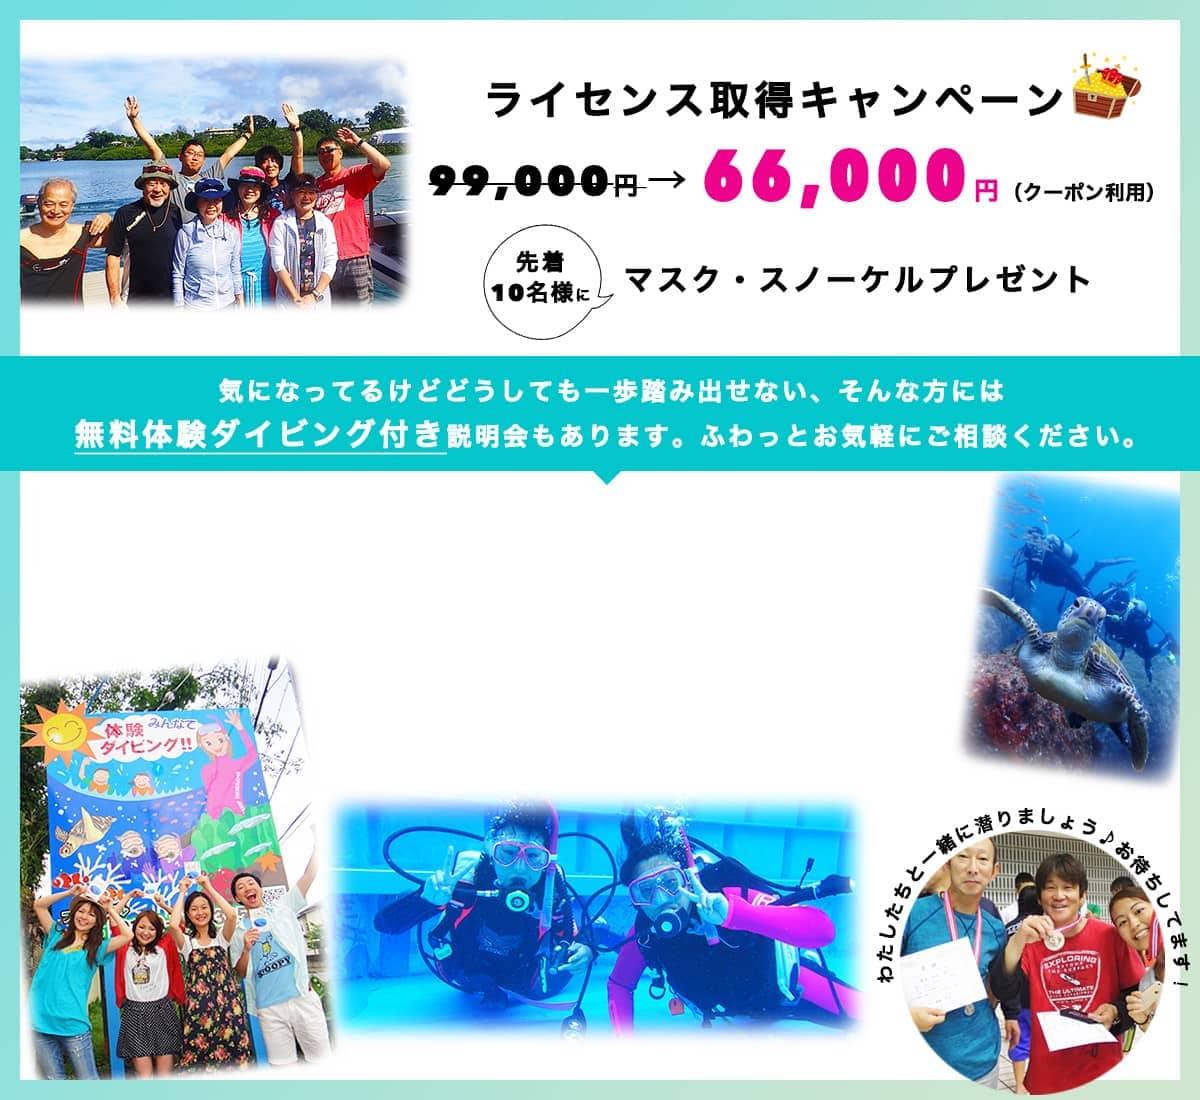 ライセンス取得キャンペーン 99,000円→66,000円(クーポン利用)